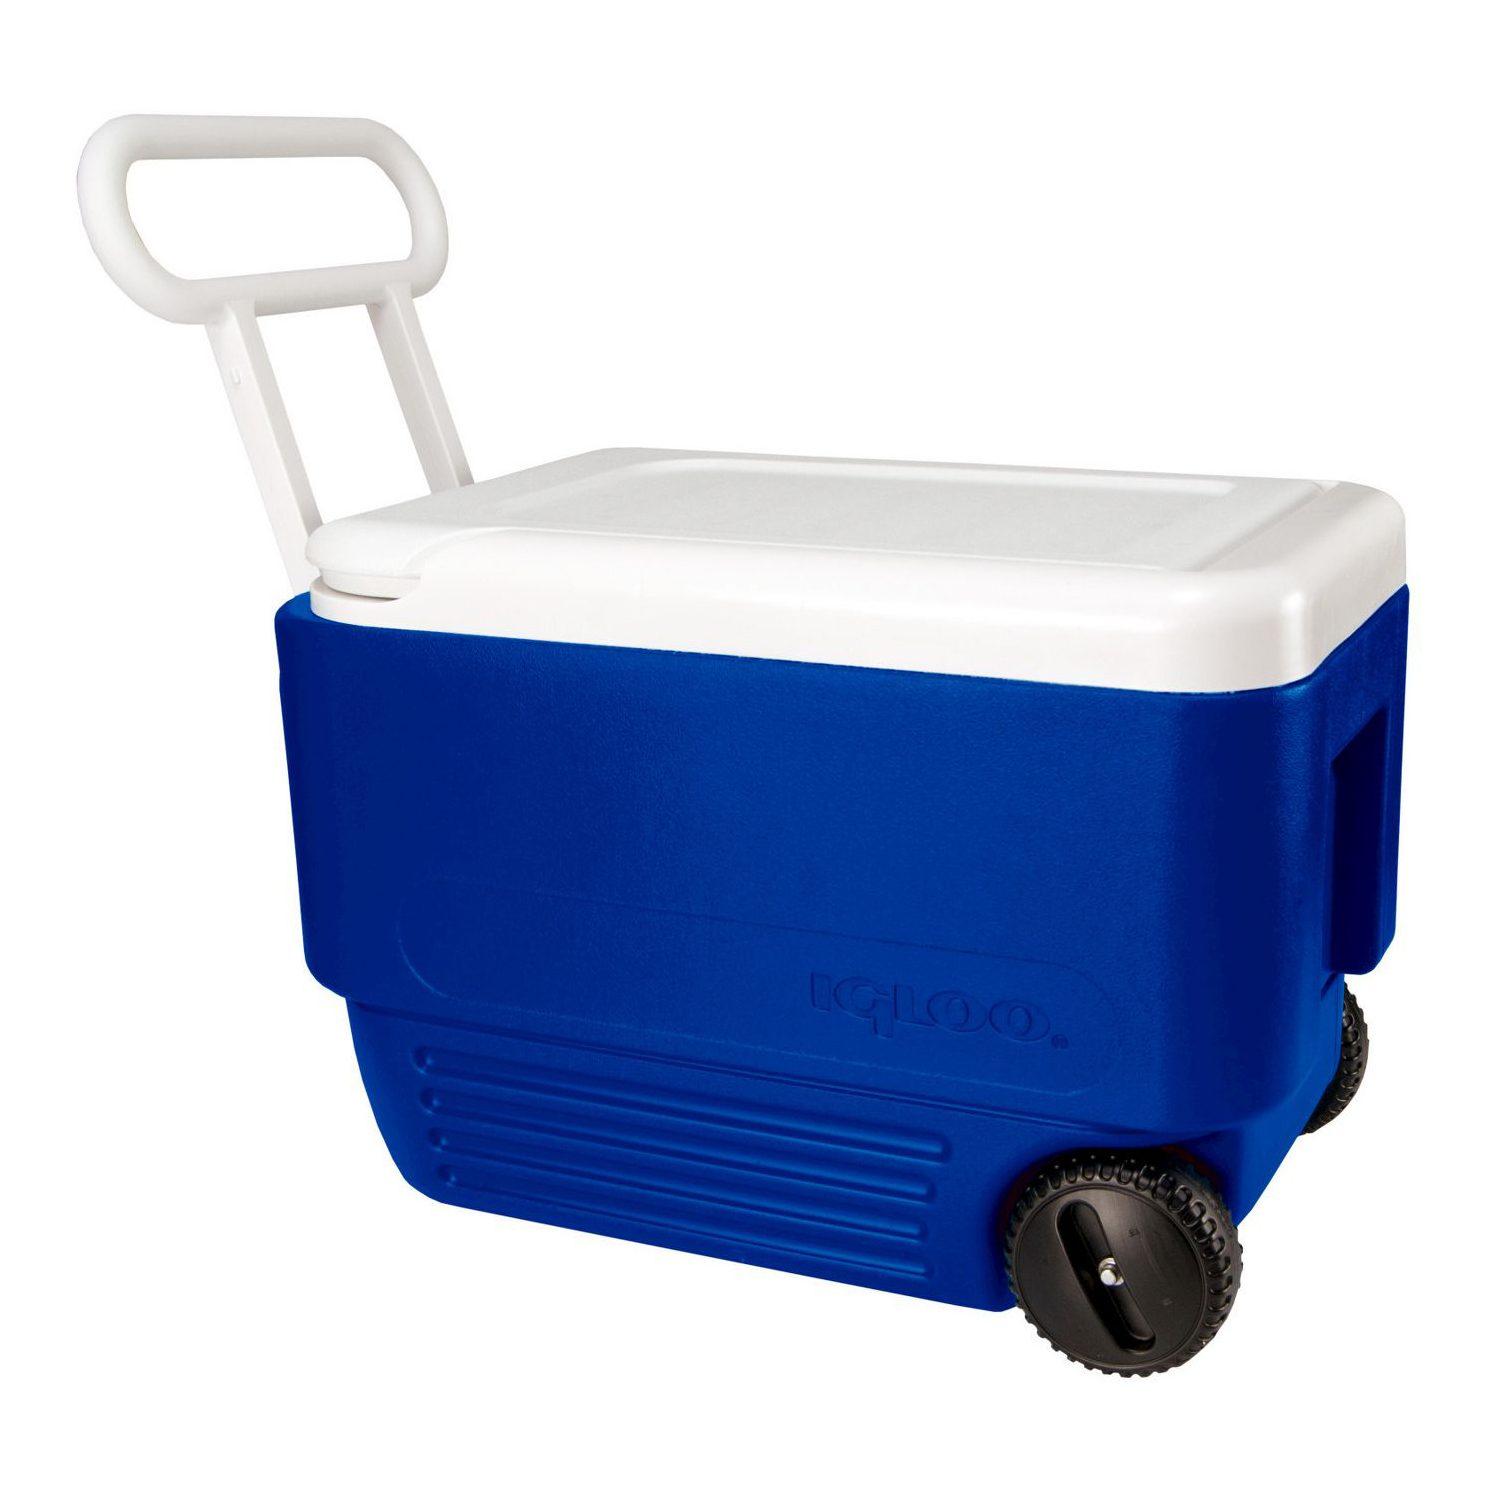 Outdoor: Igloo Wheelie Cooler